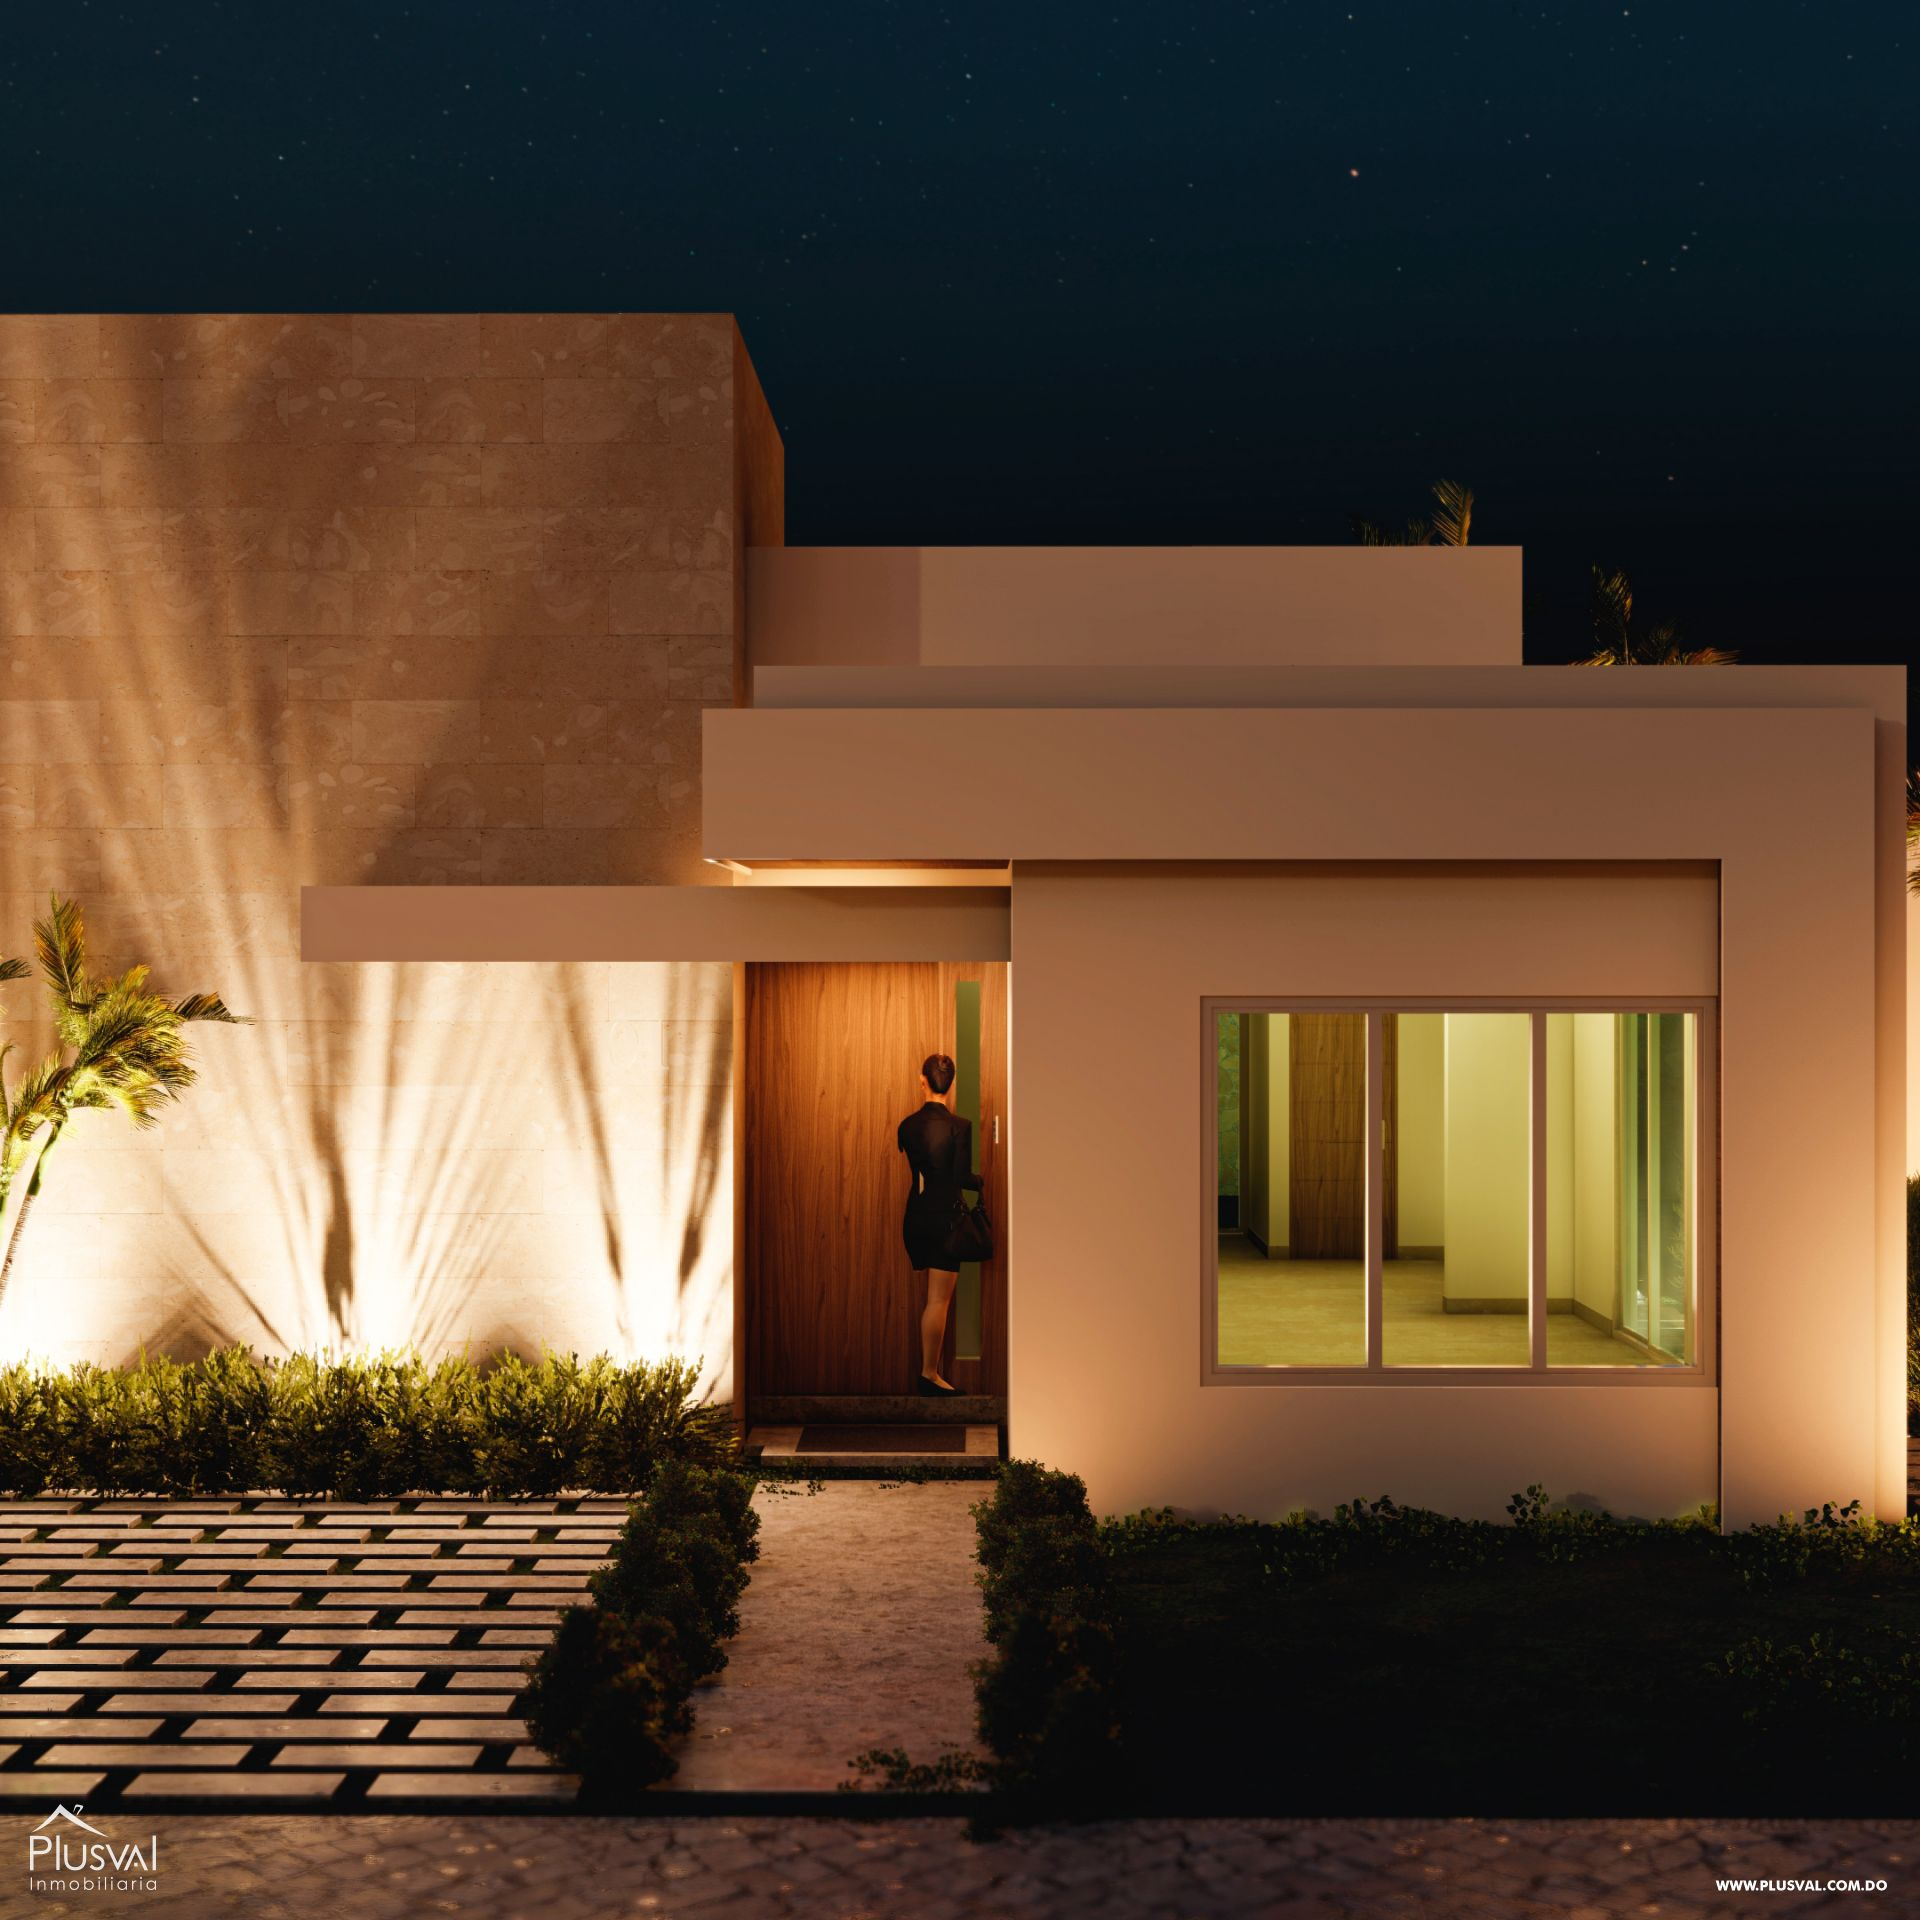 Proyecto de casas unifamiliares 173734